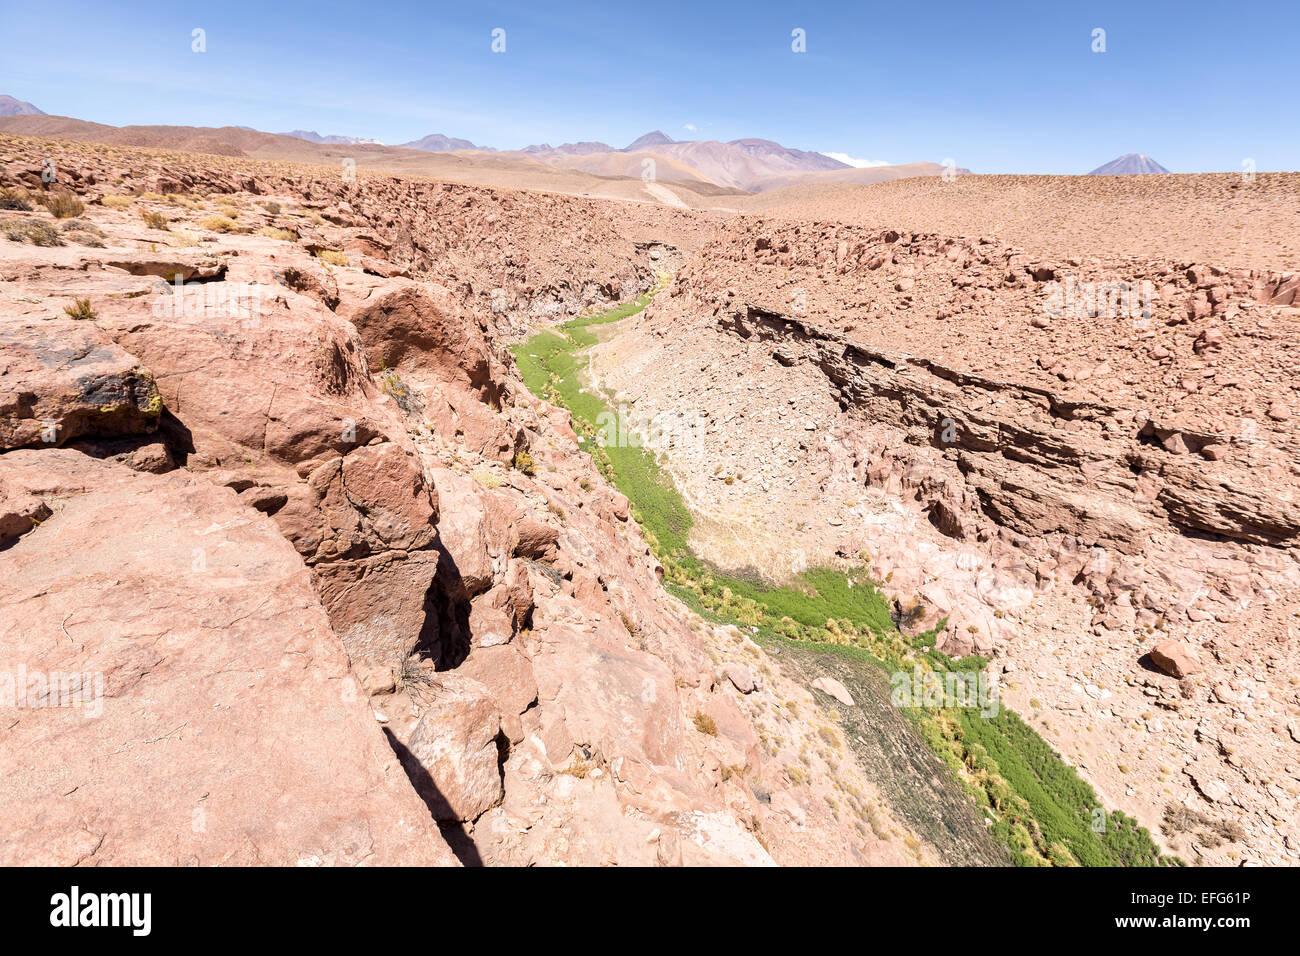 Üppig und grün Flussbett in der Nähe von San Pedro de Atacama, Chile, Südamerika Stockbild